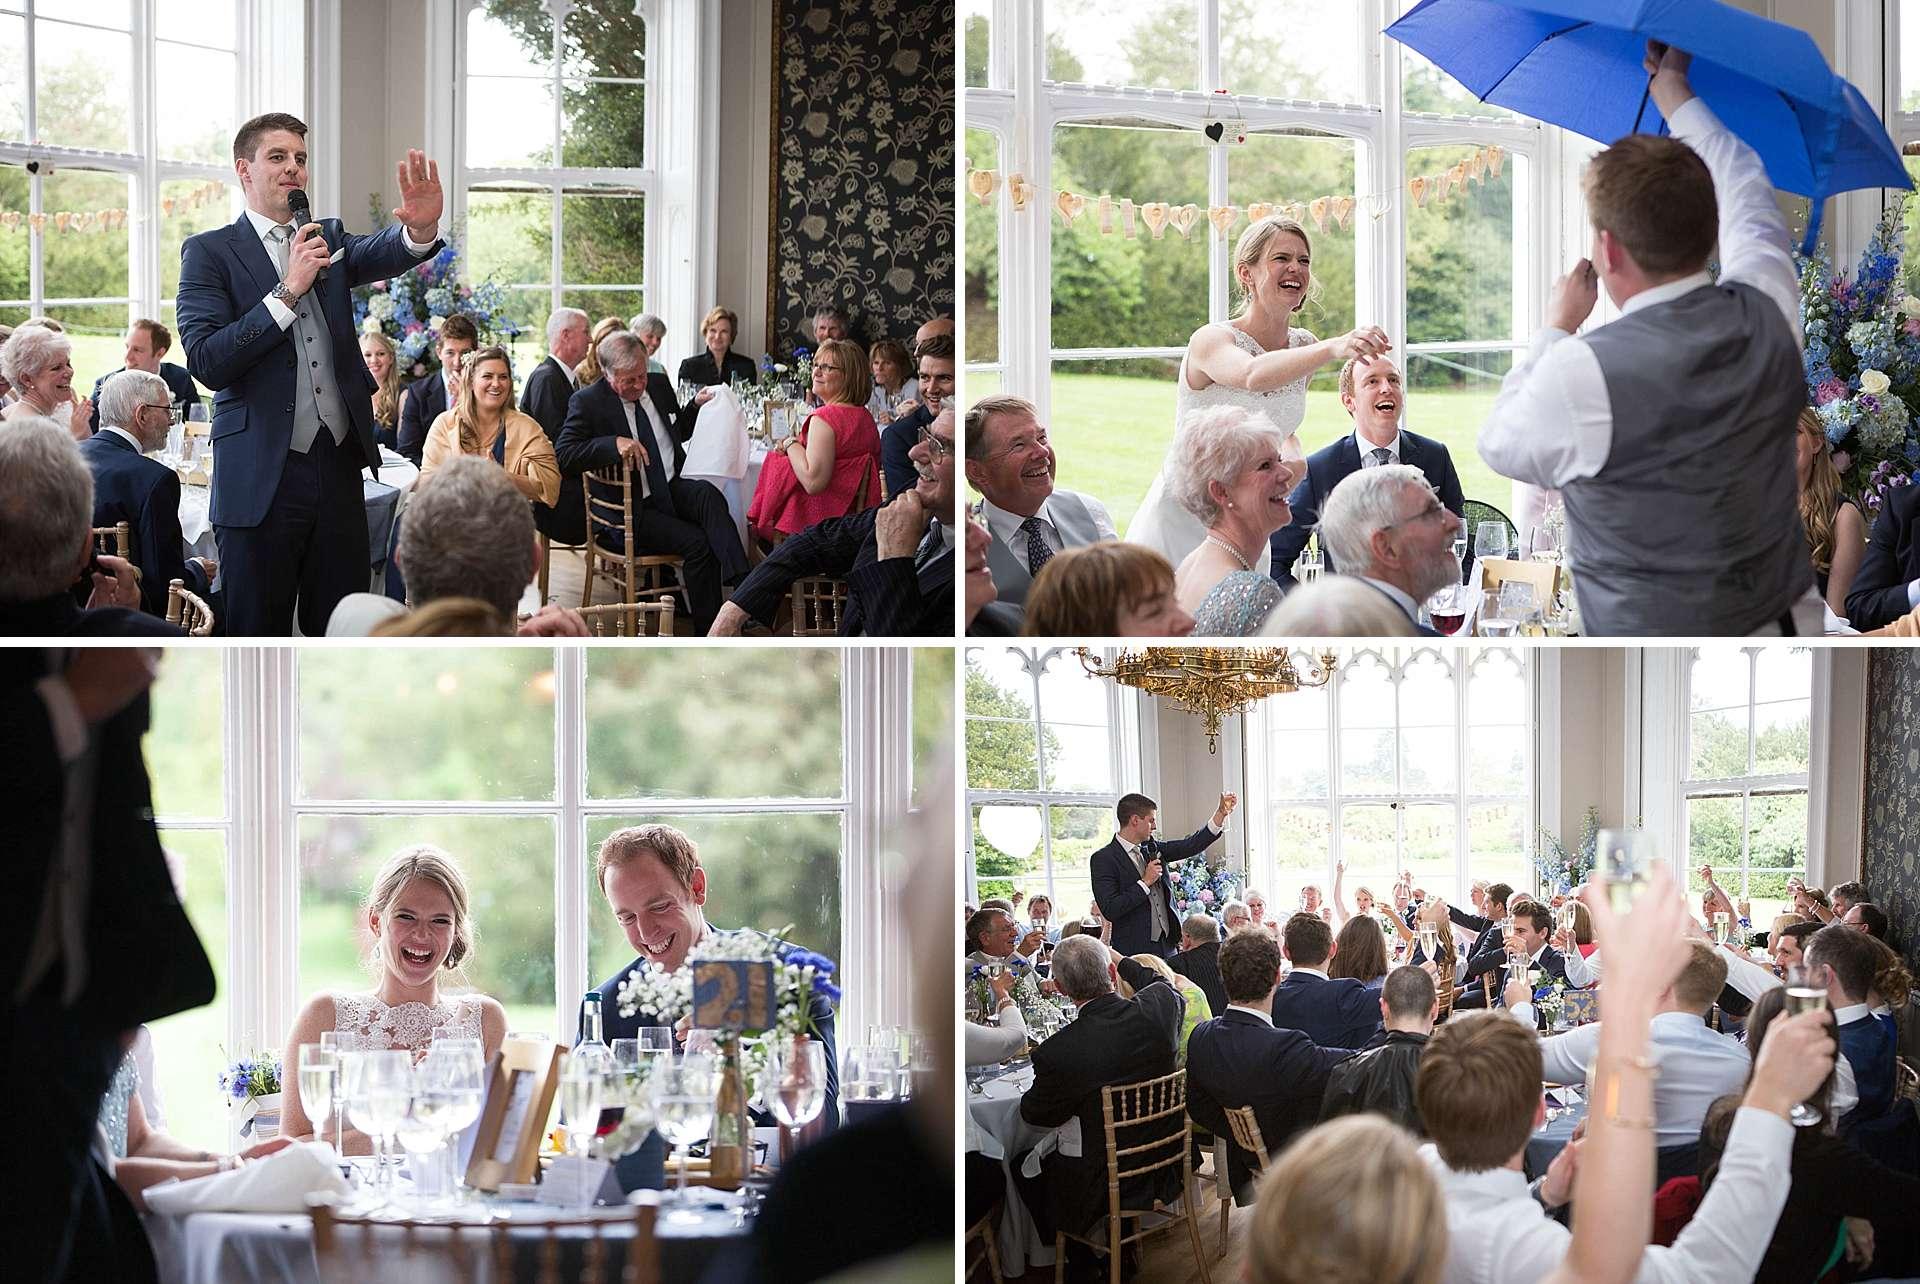 Nonsuch Mansion wedding - the speeches